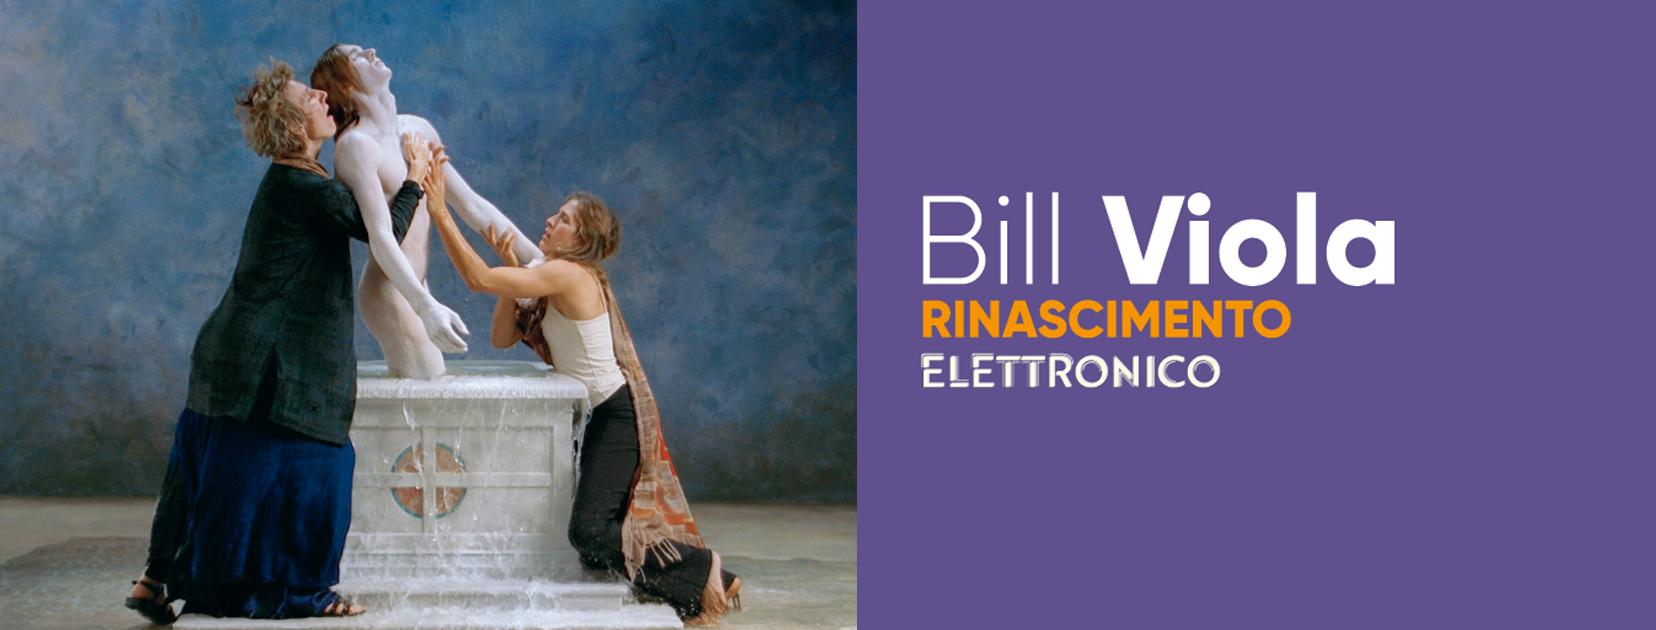 Bill Viola_002